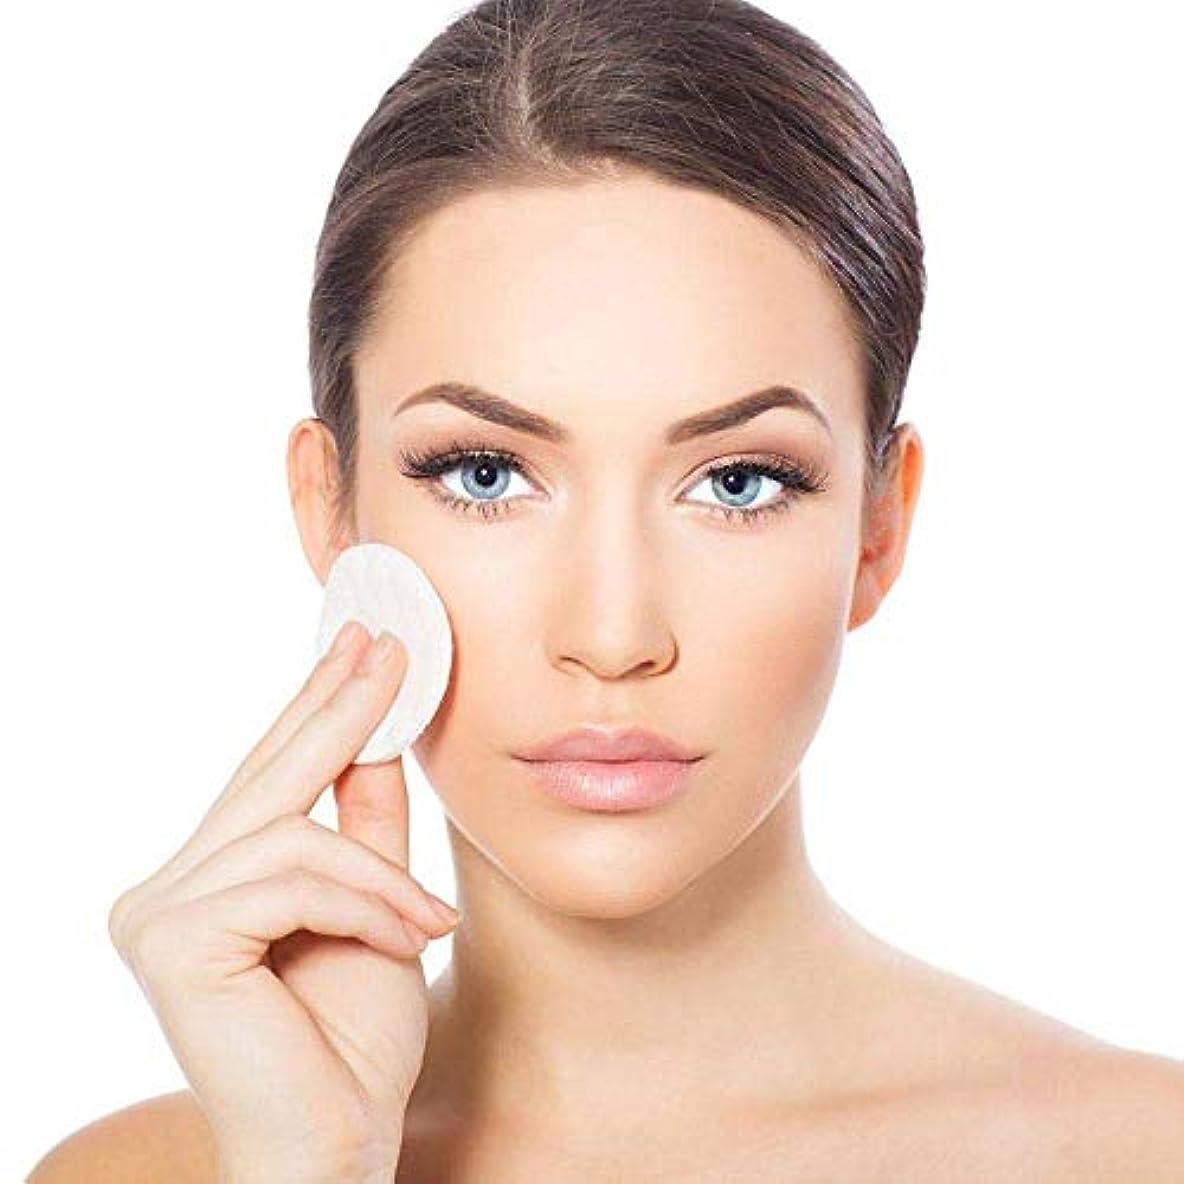 ユニセックス 洗面再利用可能 3層化粧品除去パッド顔清潔ワイプ 化粧落としコットン 肌に優しい 16セット